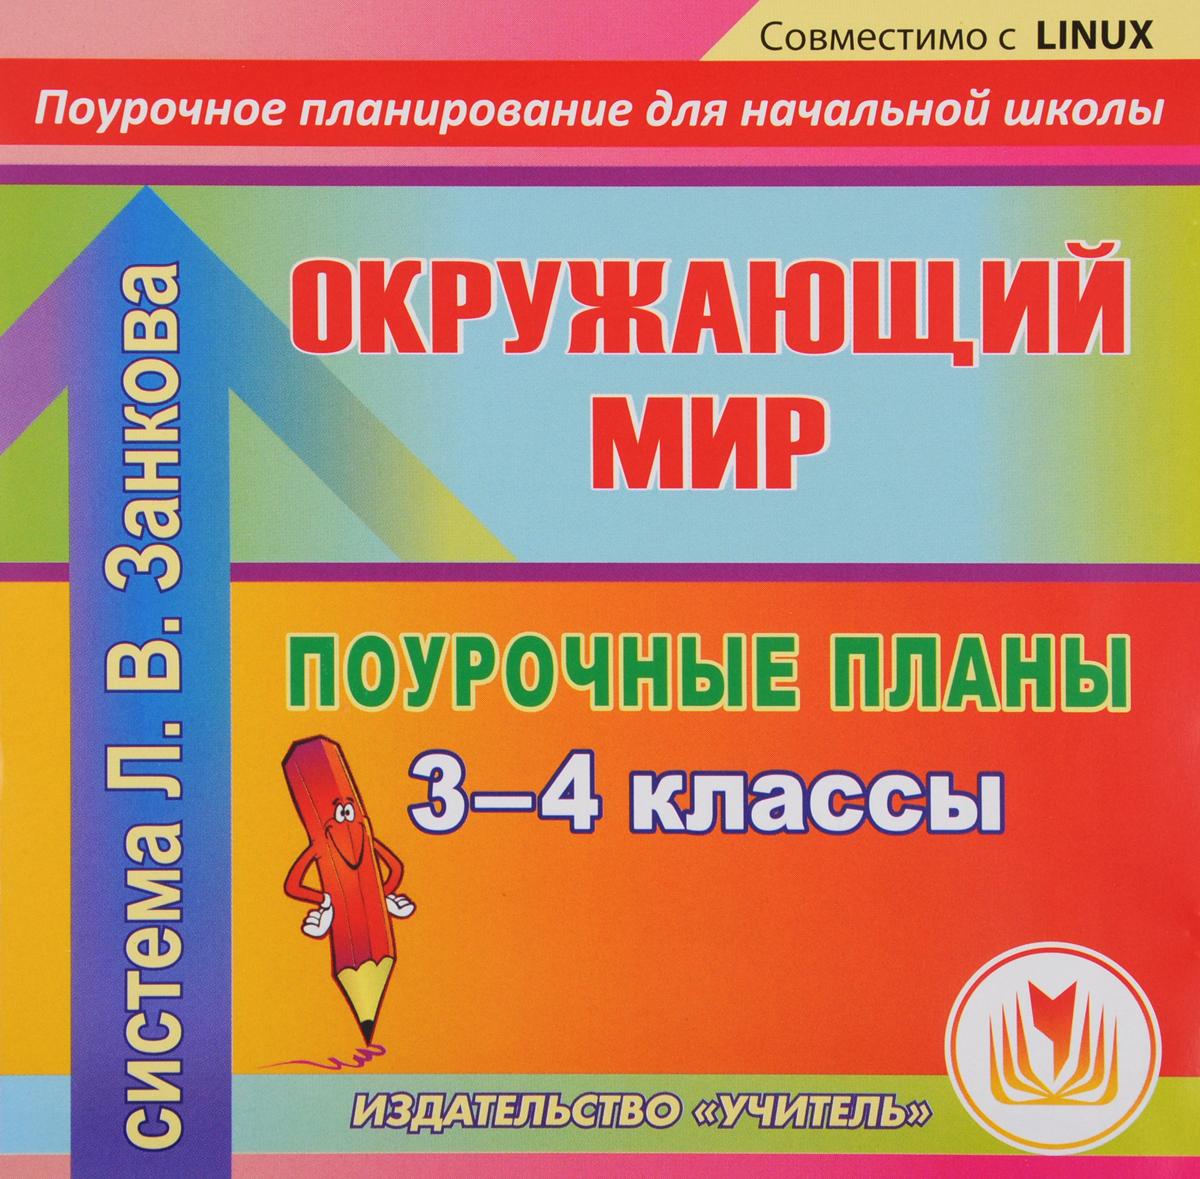 Окружающий мир. 3-4 классы: поурочные планы по системе Л. В. Занкова н в цегельная в поисках своего я